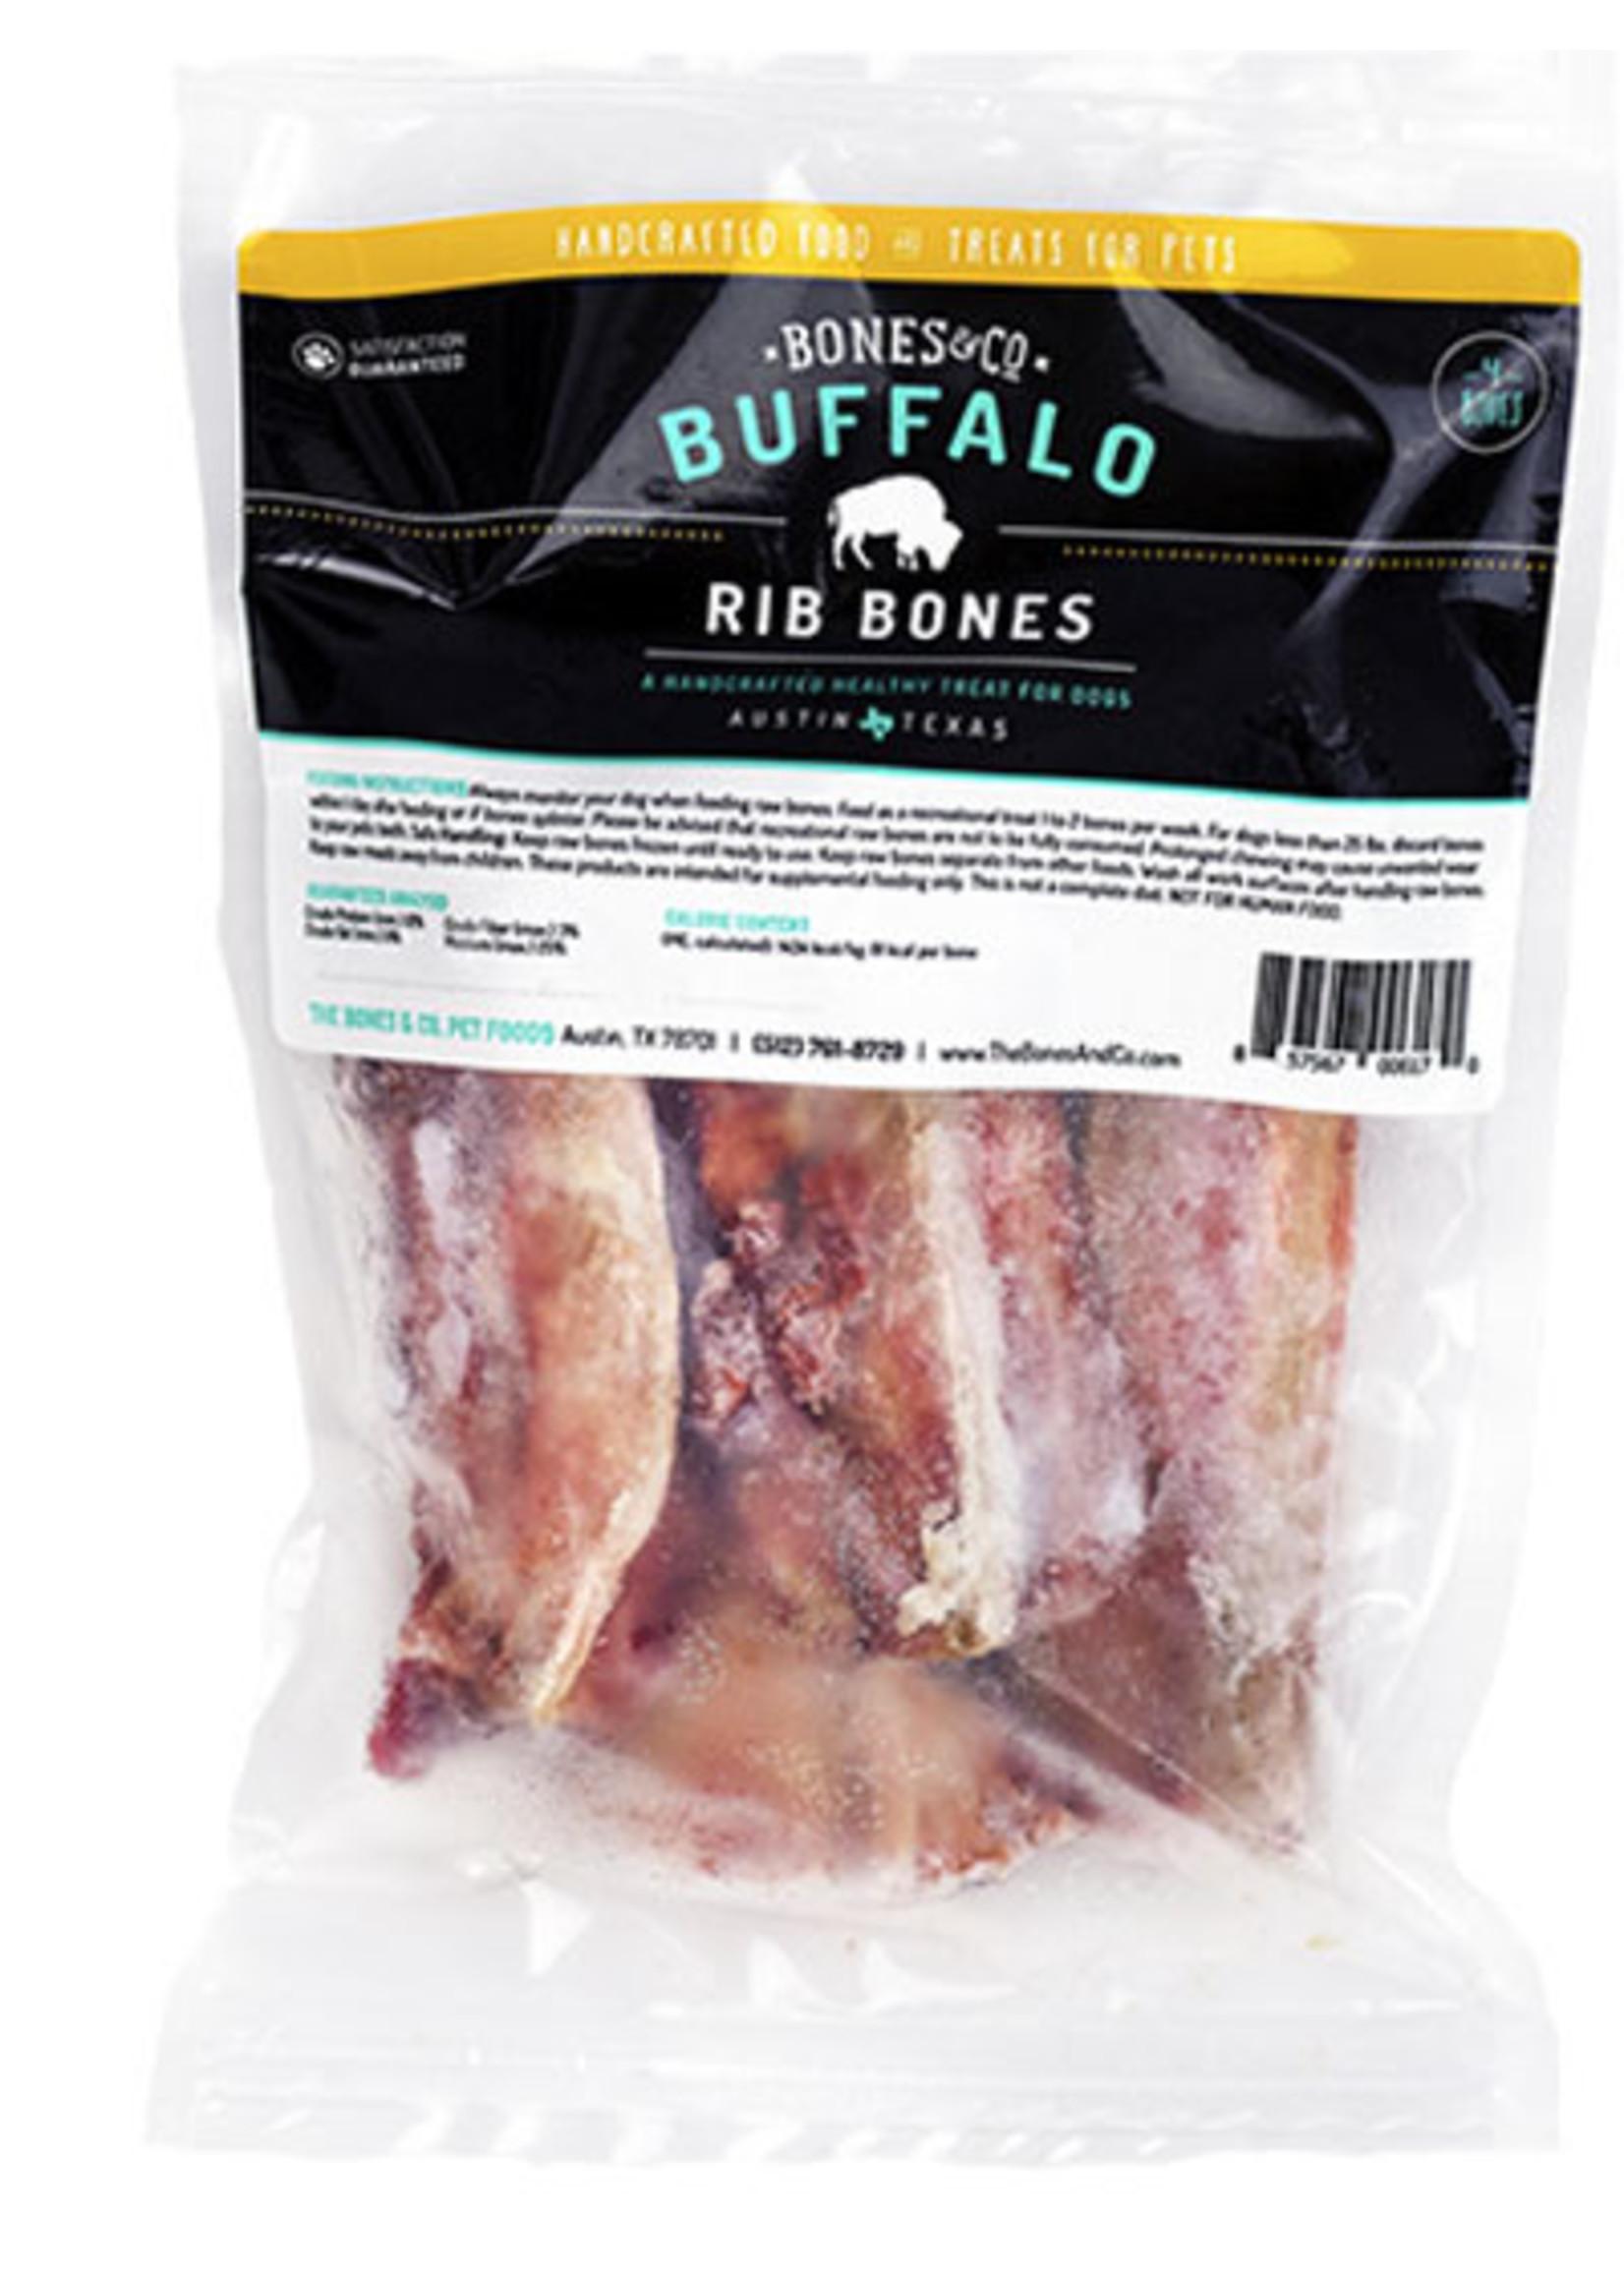 BONES & CO Bones & Co Buffalo Ribs 4 pack